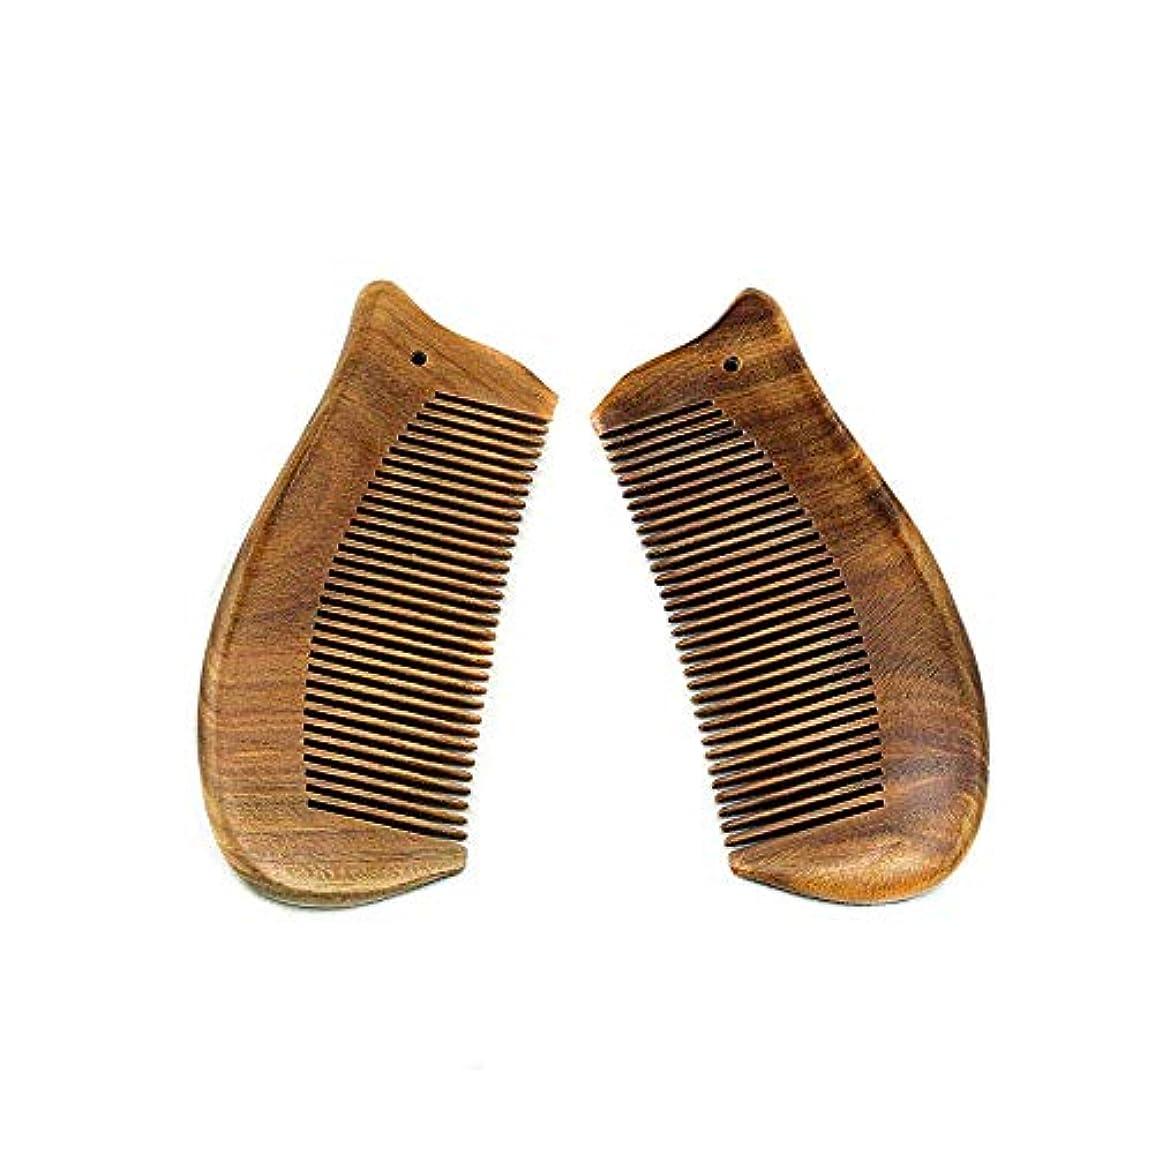 のどおとうさん栄光新ナチュラルグリーンサンダルウッド魚の形のくし女性のための静的な手作りの木製くし ヘアケア